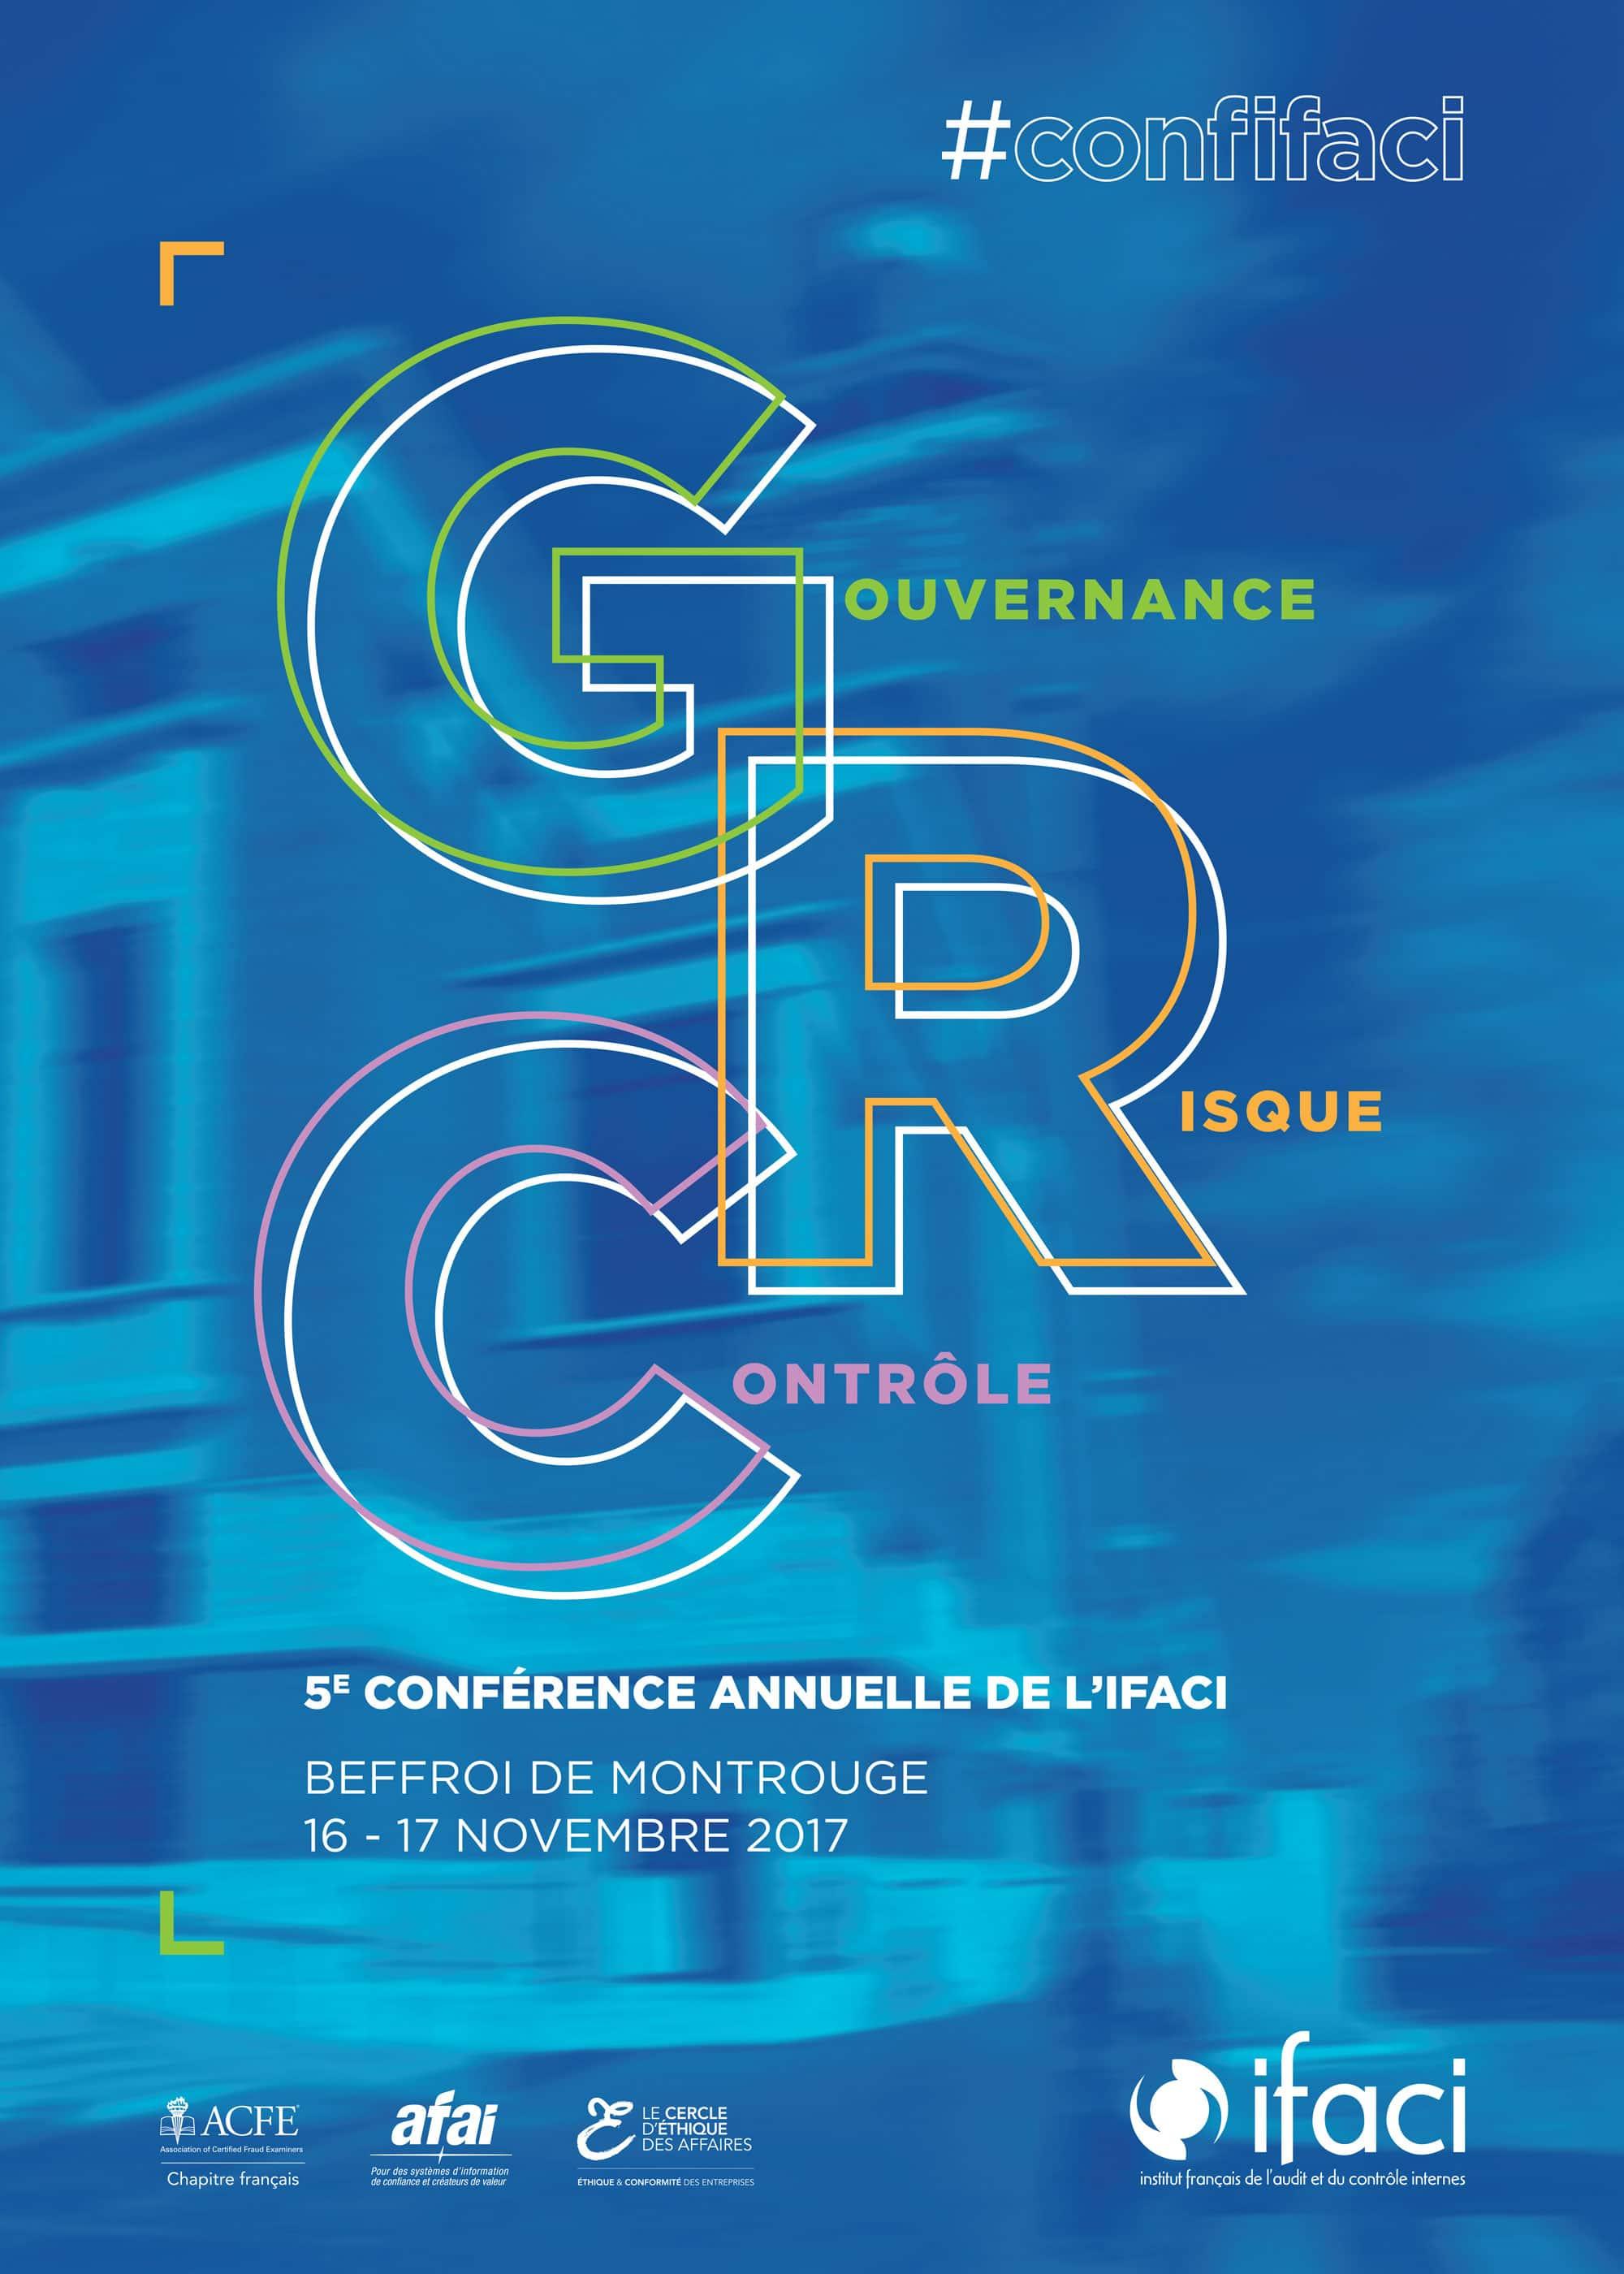 Les inscriptions à la conférence GRC IFACI 2017 sont ouvertes